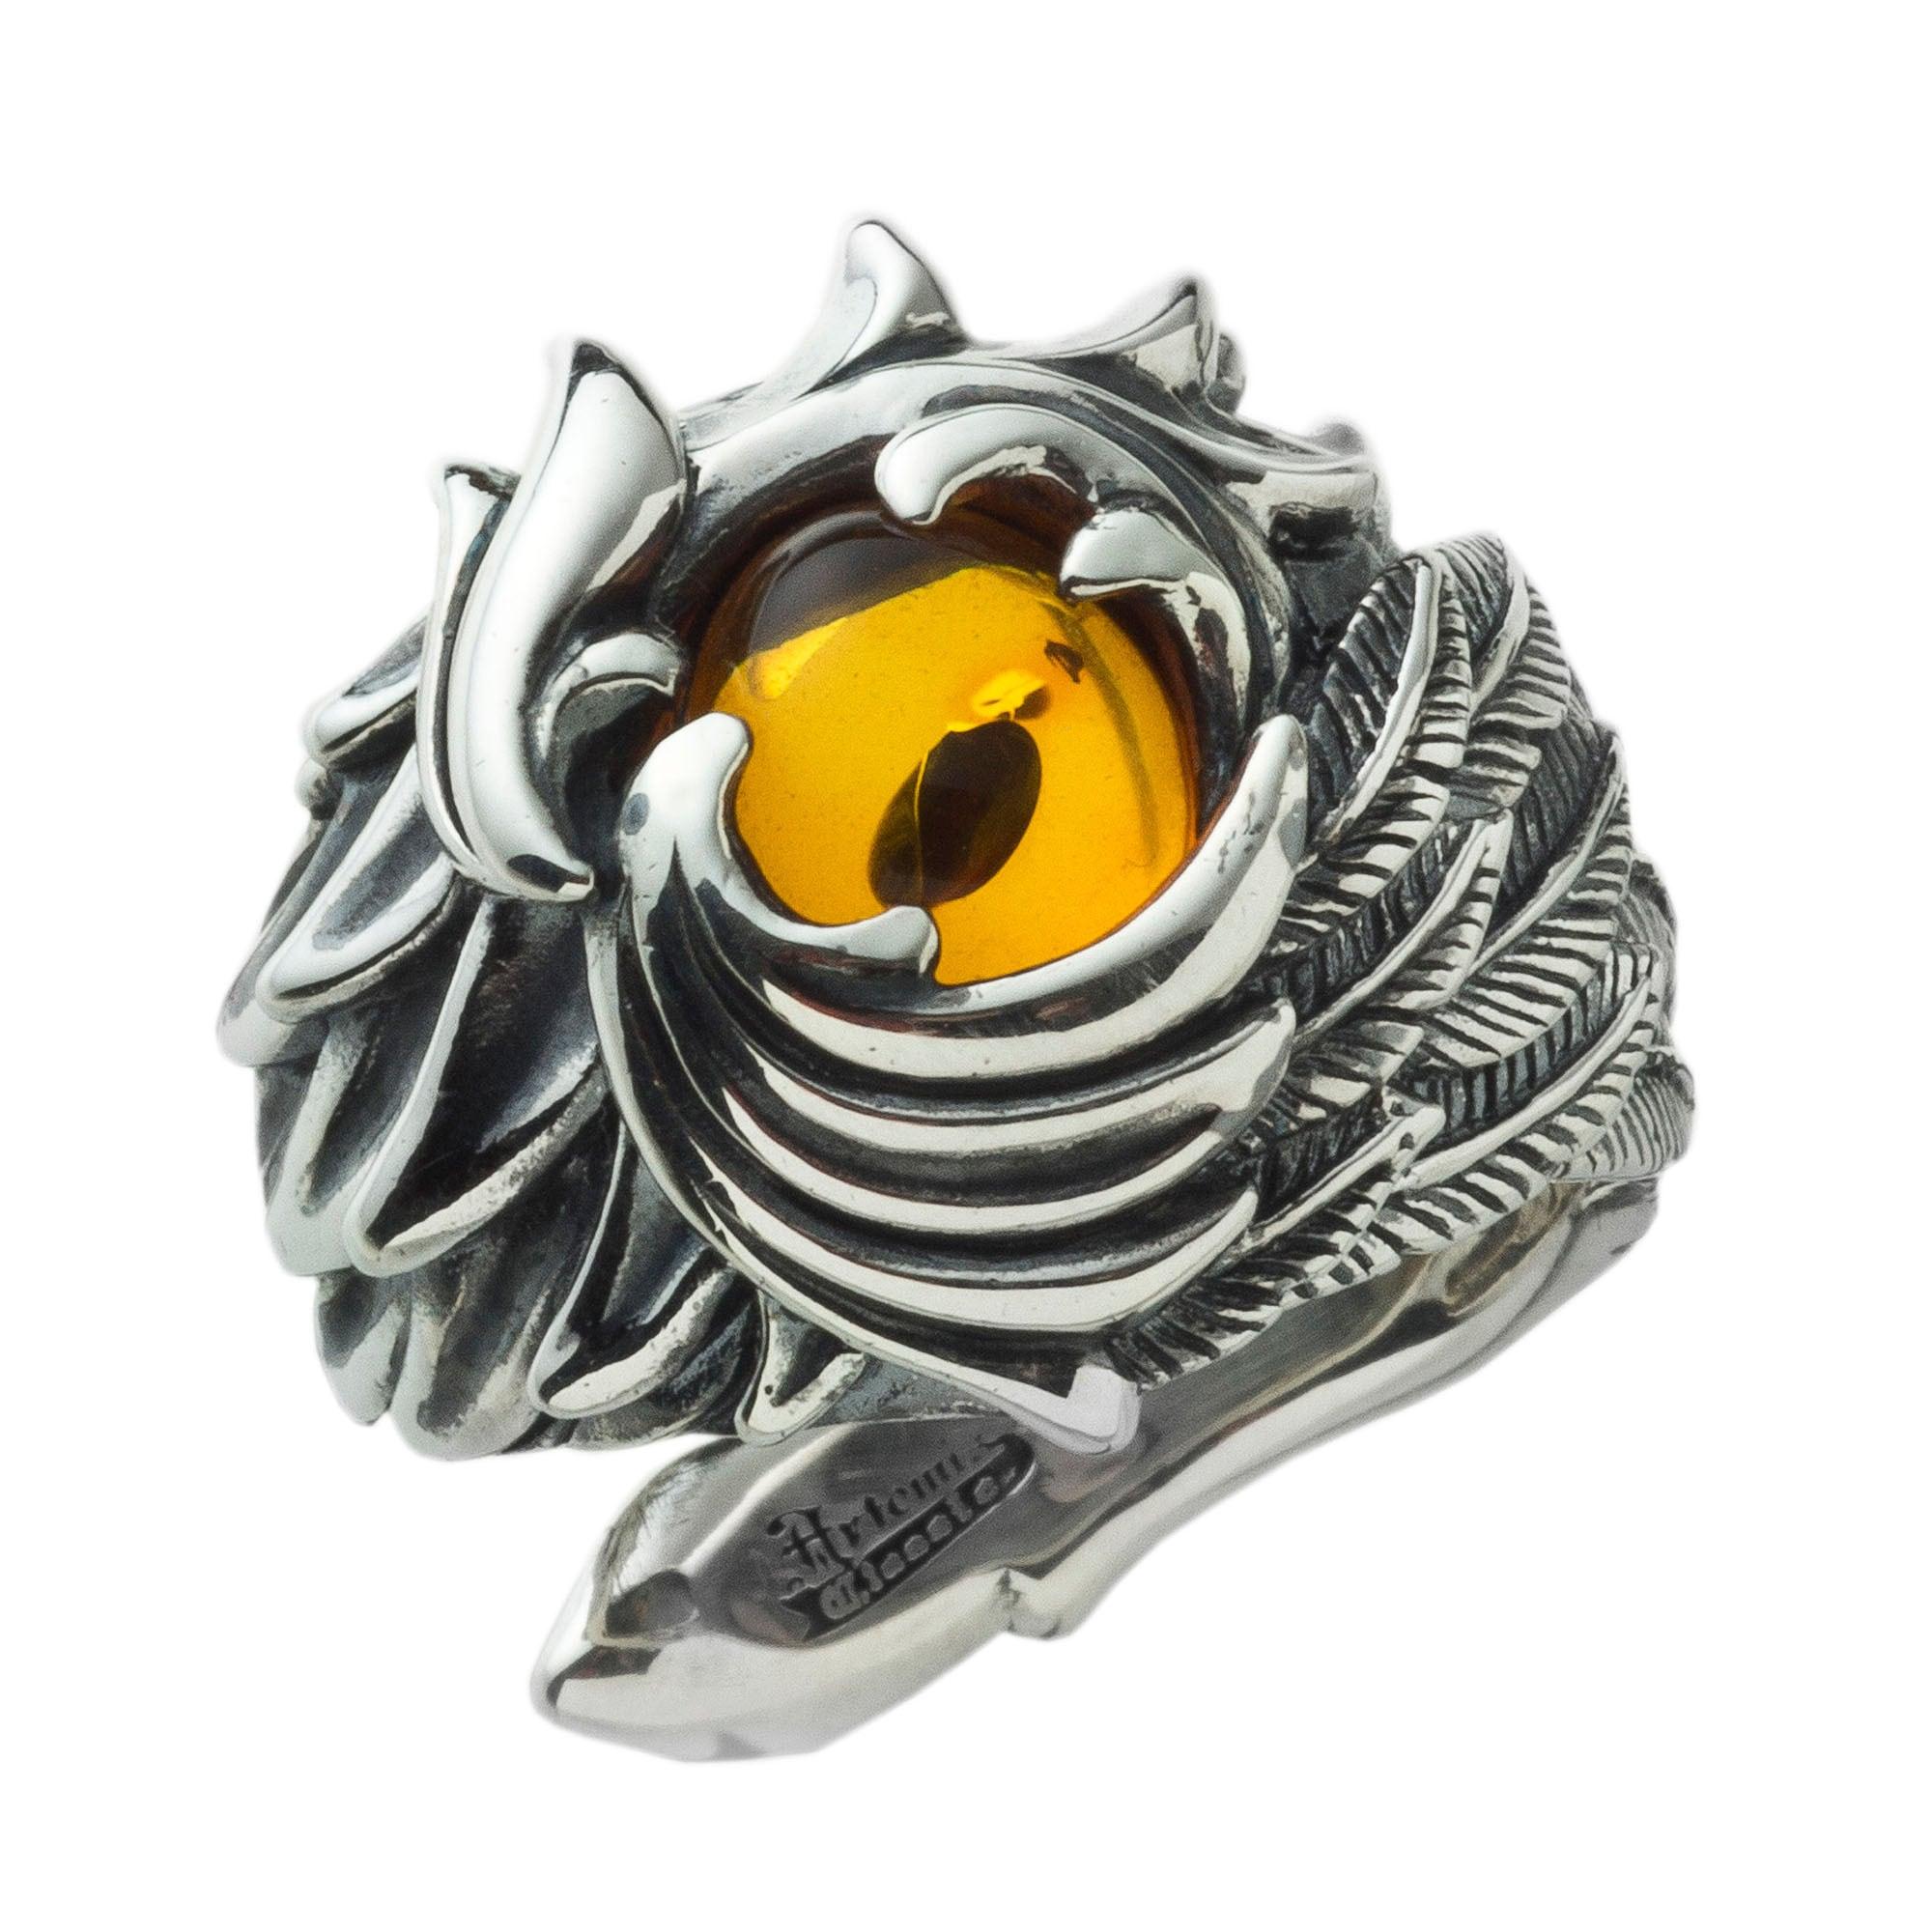 フェニックスワイドリング ACR0260 Phoenix wide ring【「武士スタント逢坂くん!」衣装協力商品】